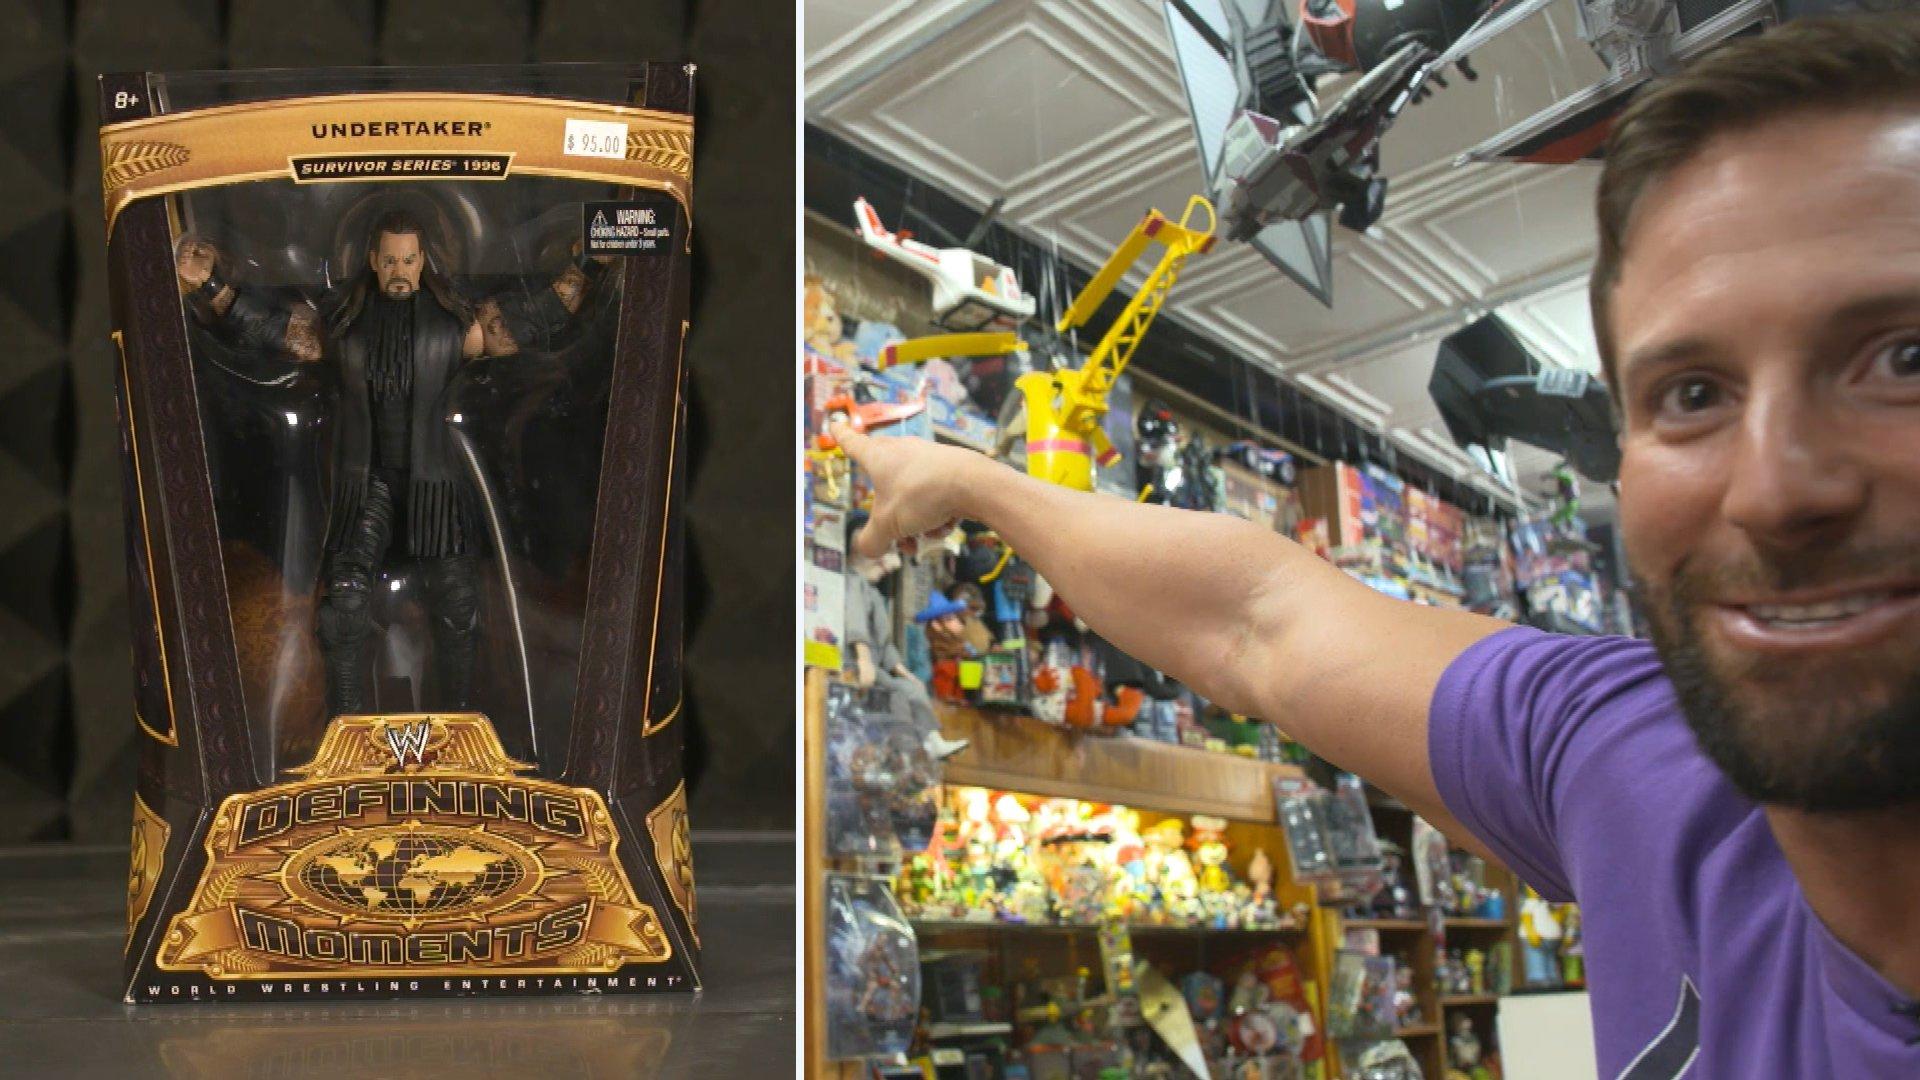 Zack Ryder découvre une figurine de l'Undertaker incroyablement rare: Zack & Curt Figure It Out